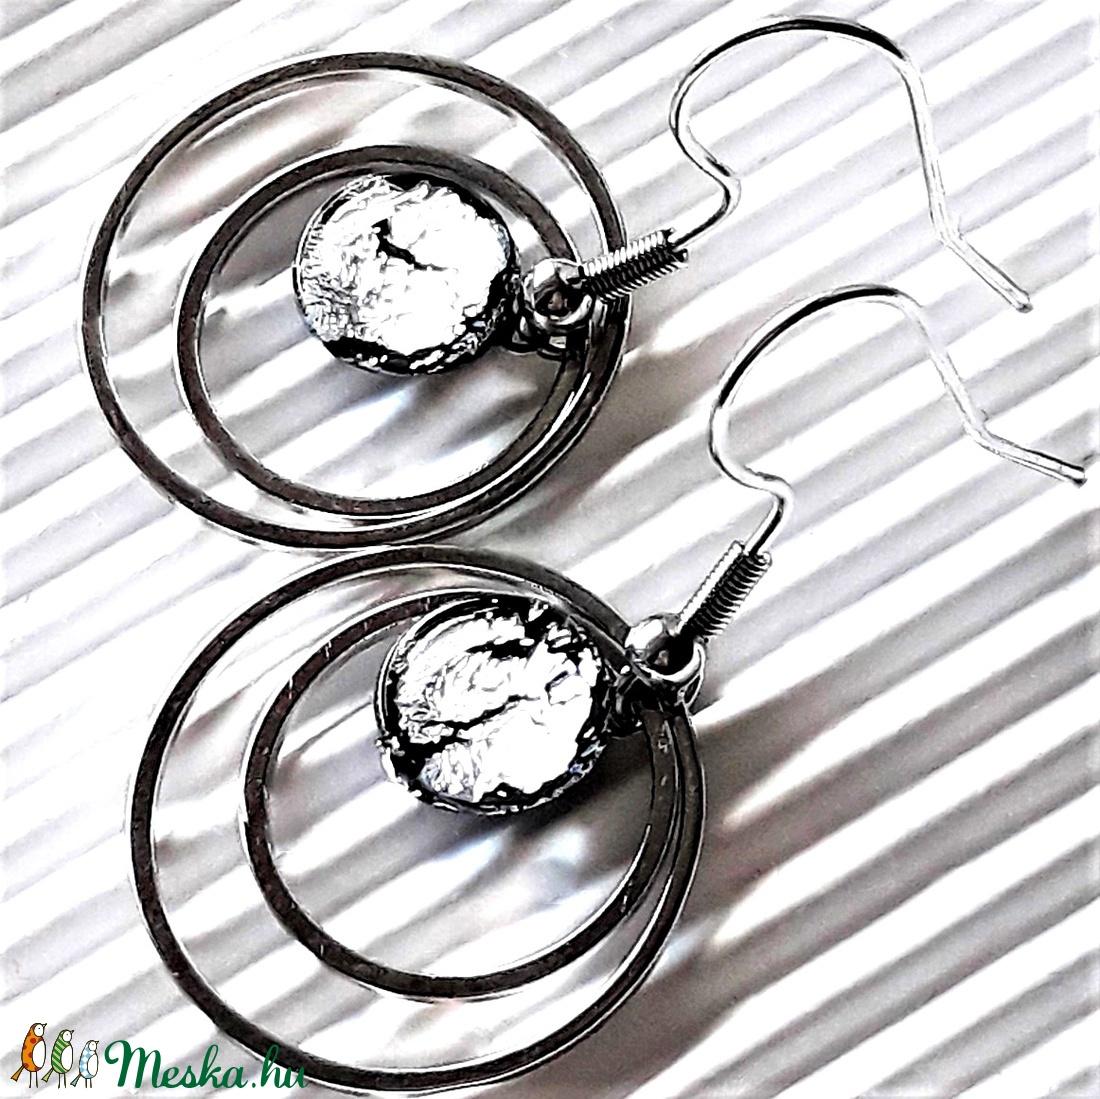 Ezüst ragyogás dichroic pötty üveg fülbevaló NEMESACÉL akasztón, üvegékszer - ékszer - fülbevaló - lógós kerek fülbevaló - Meska.hu